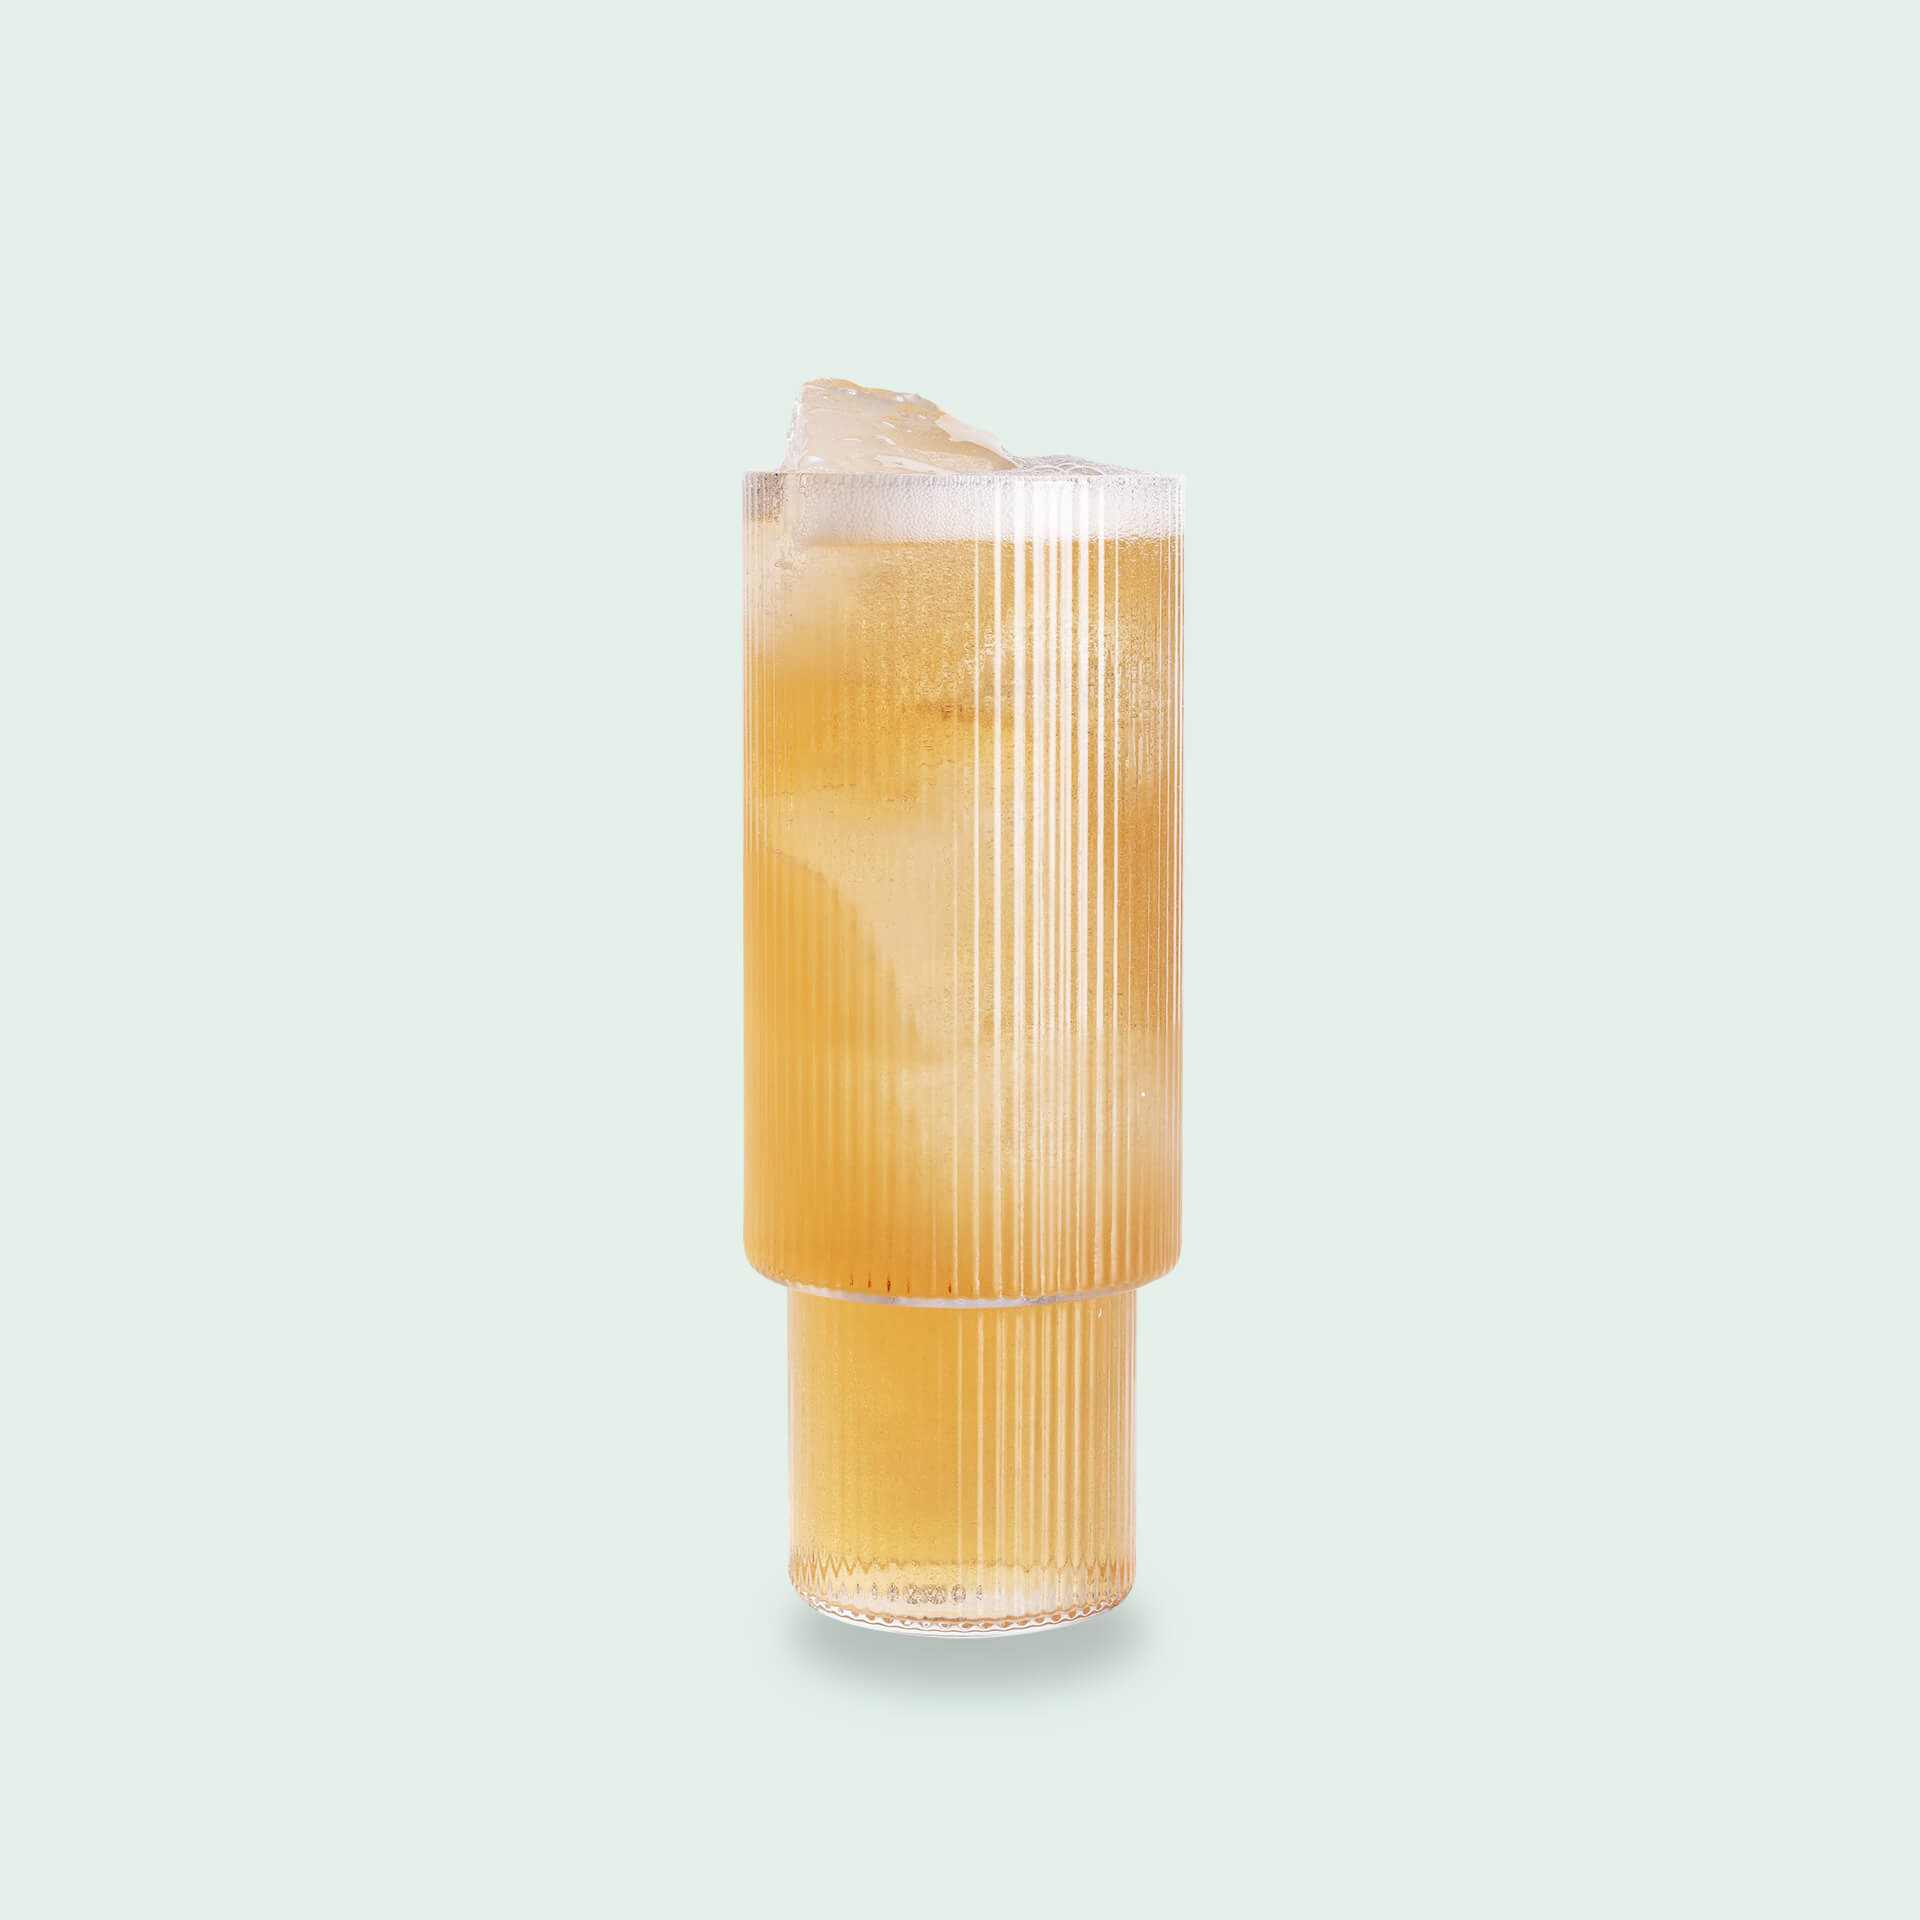 Karwendel Highball von Damir Busic - Drink Syndikat